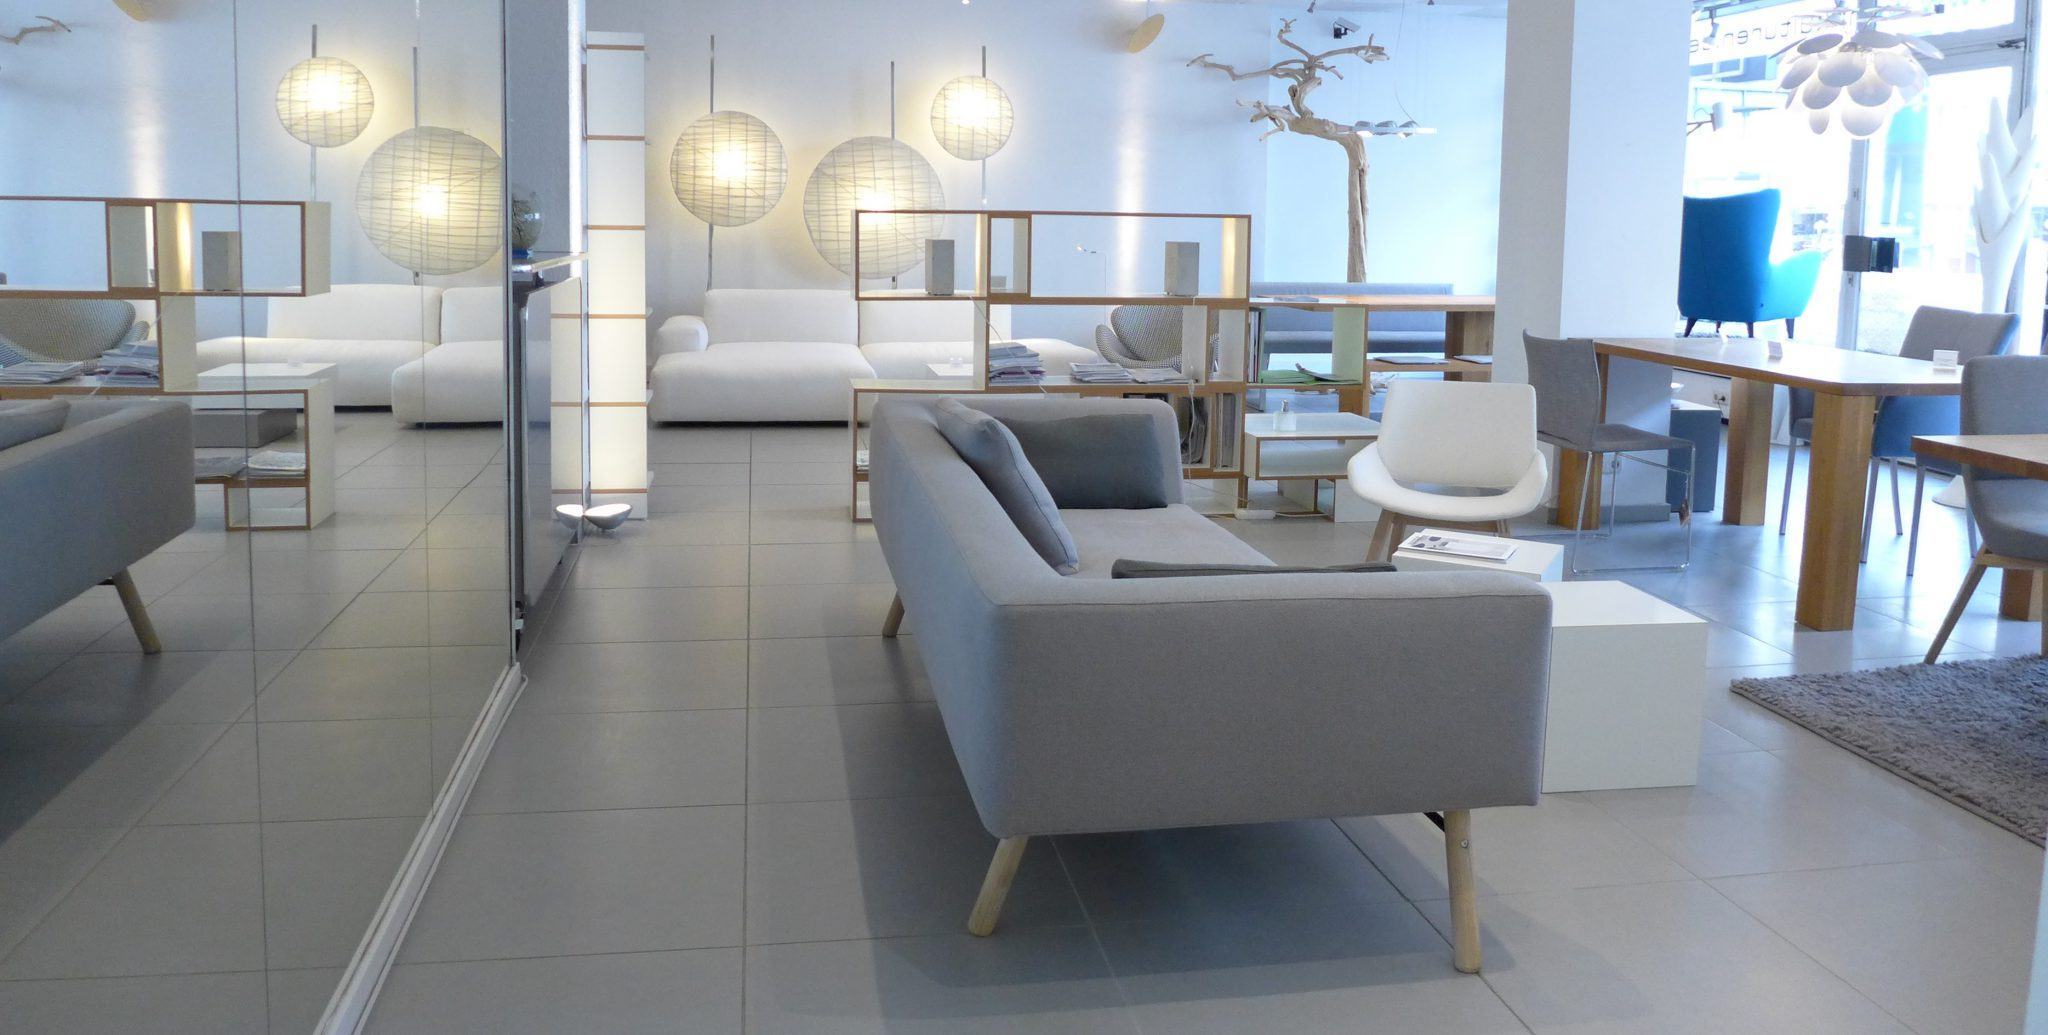 wohnkulturen designm bel spezialisten in bonn k ln und d sseldorf. Black Bedroom Furniture Sets. Home Design Ideas